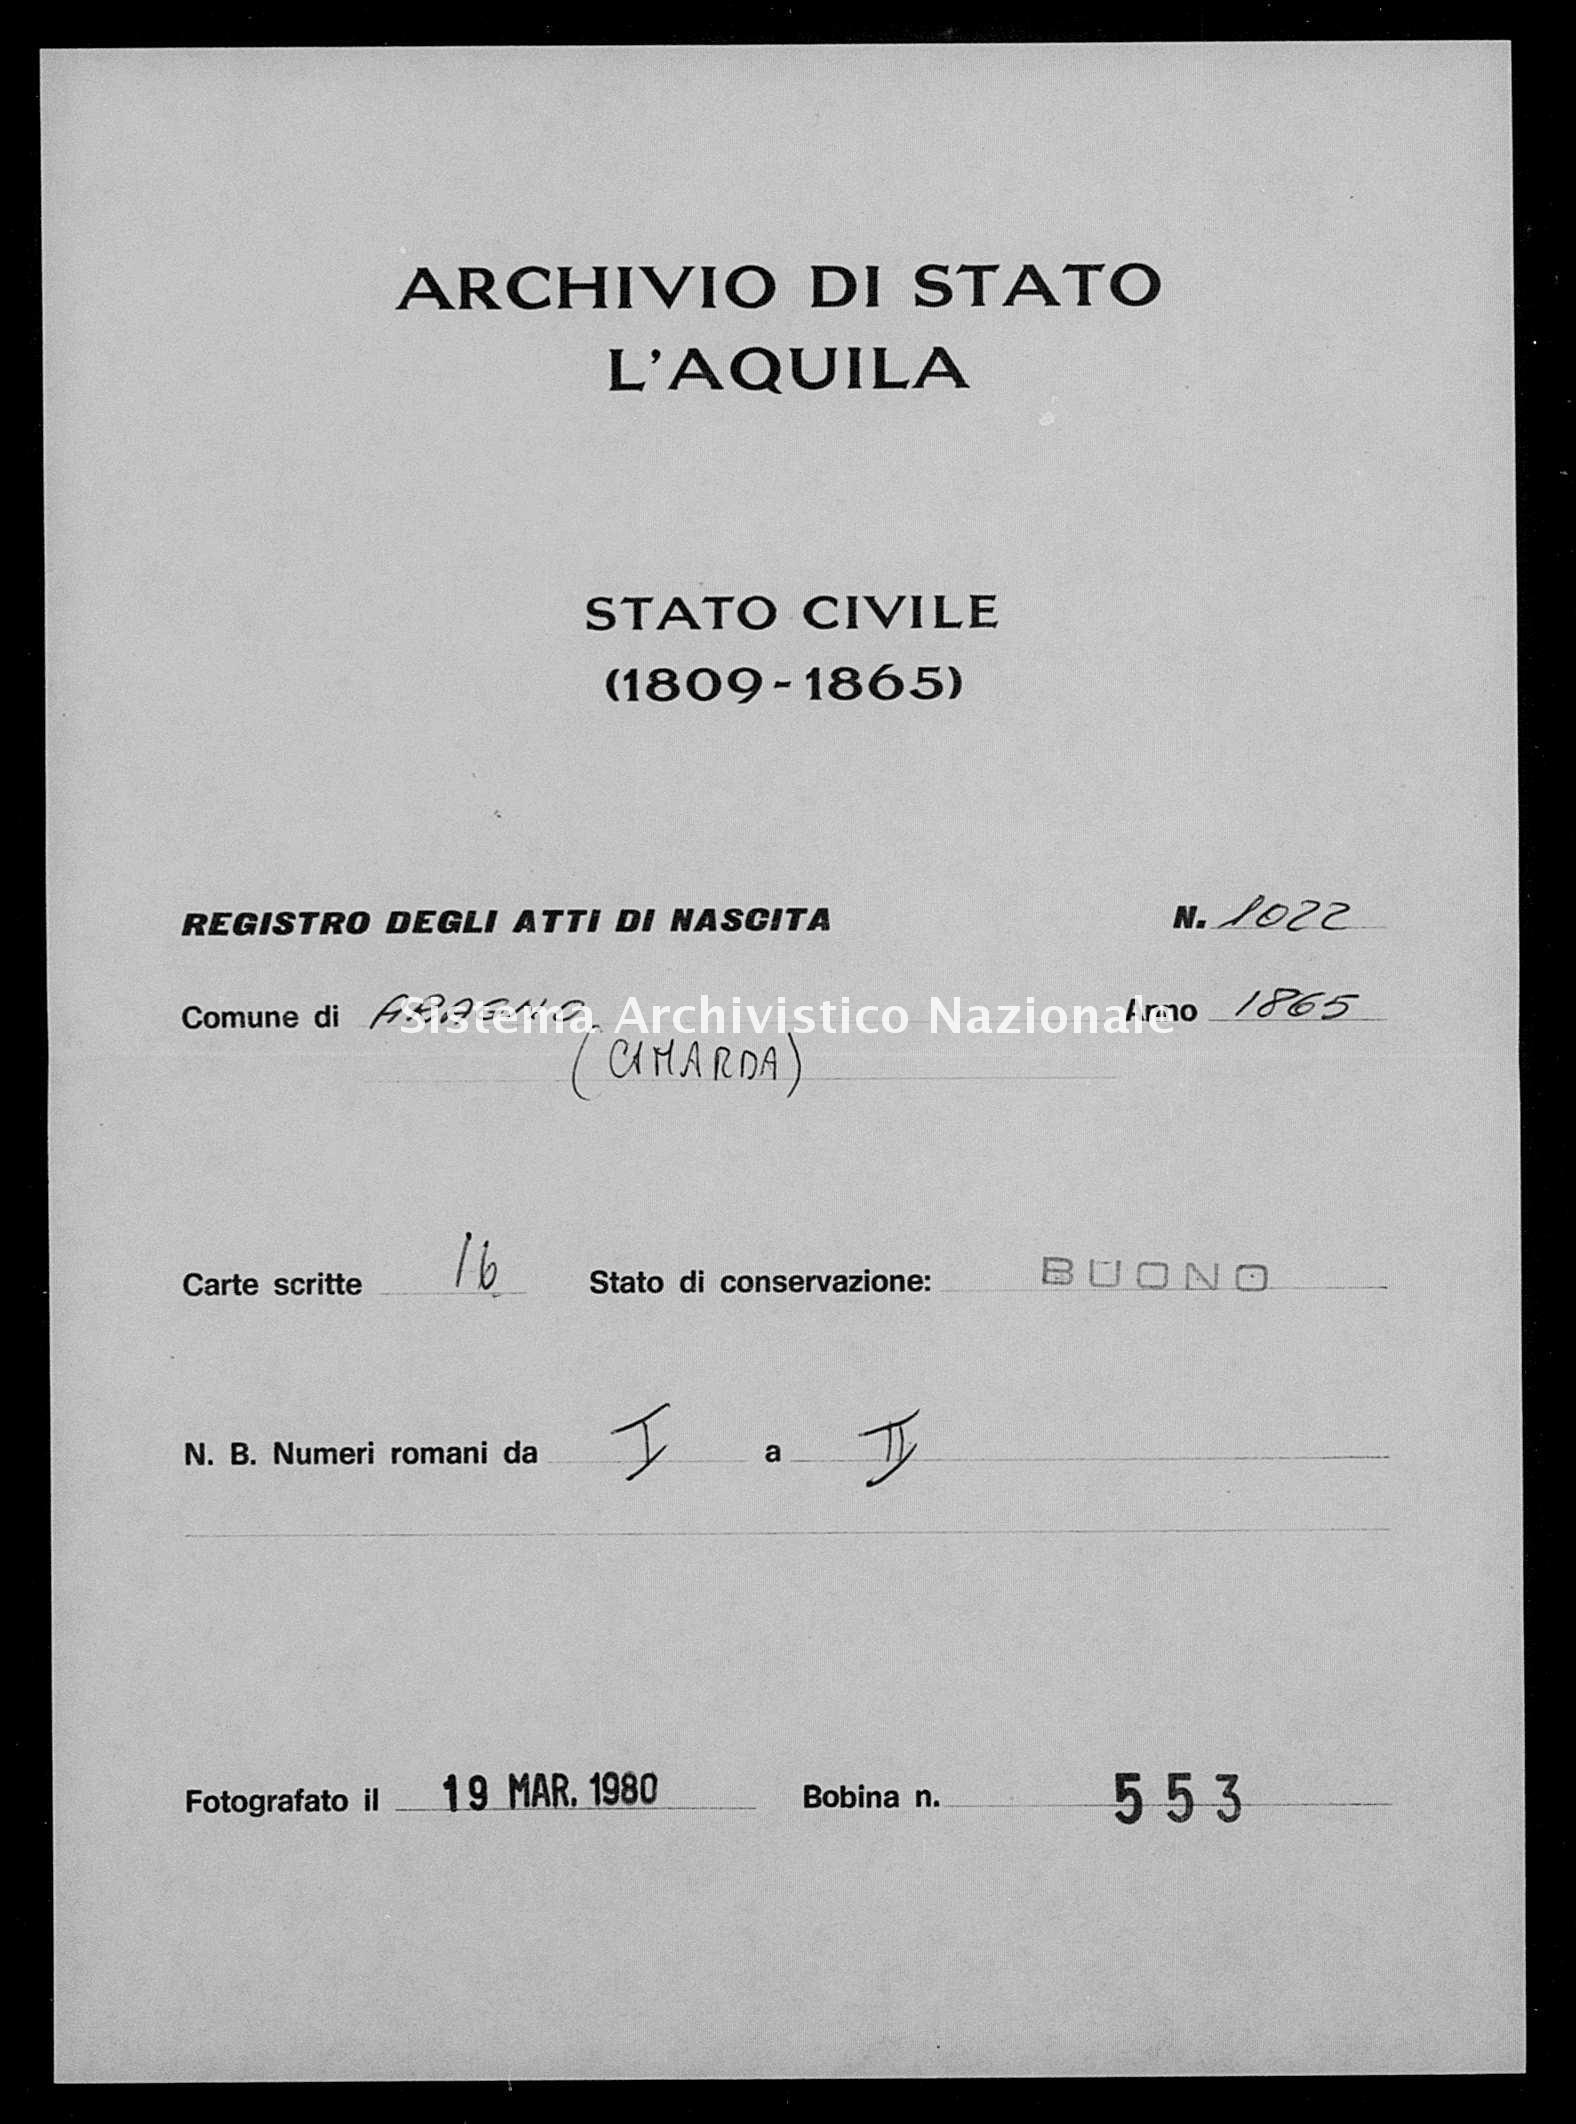 Archivio di stato di L'aquila - Stato civile italiano - Aragno - Nati - 1865 - 1022 -